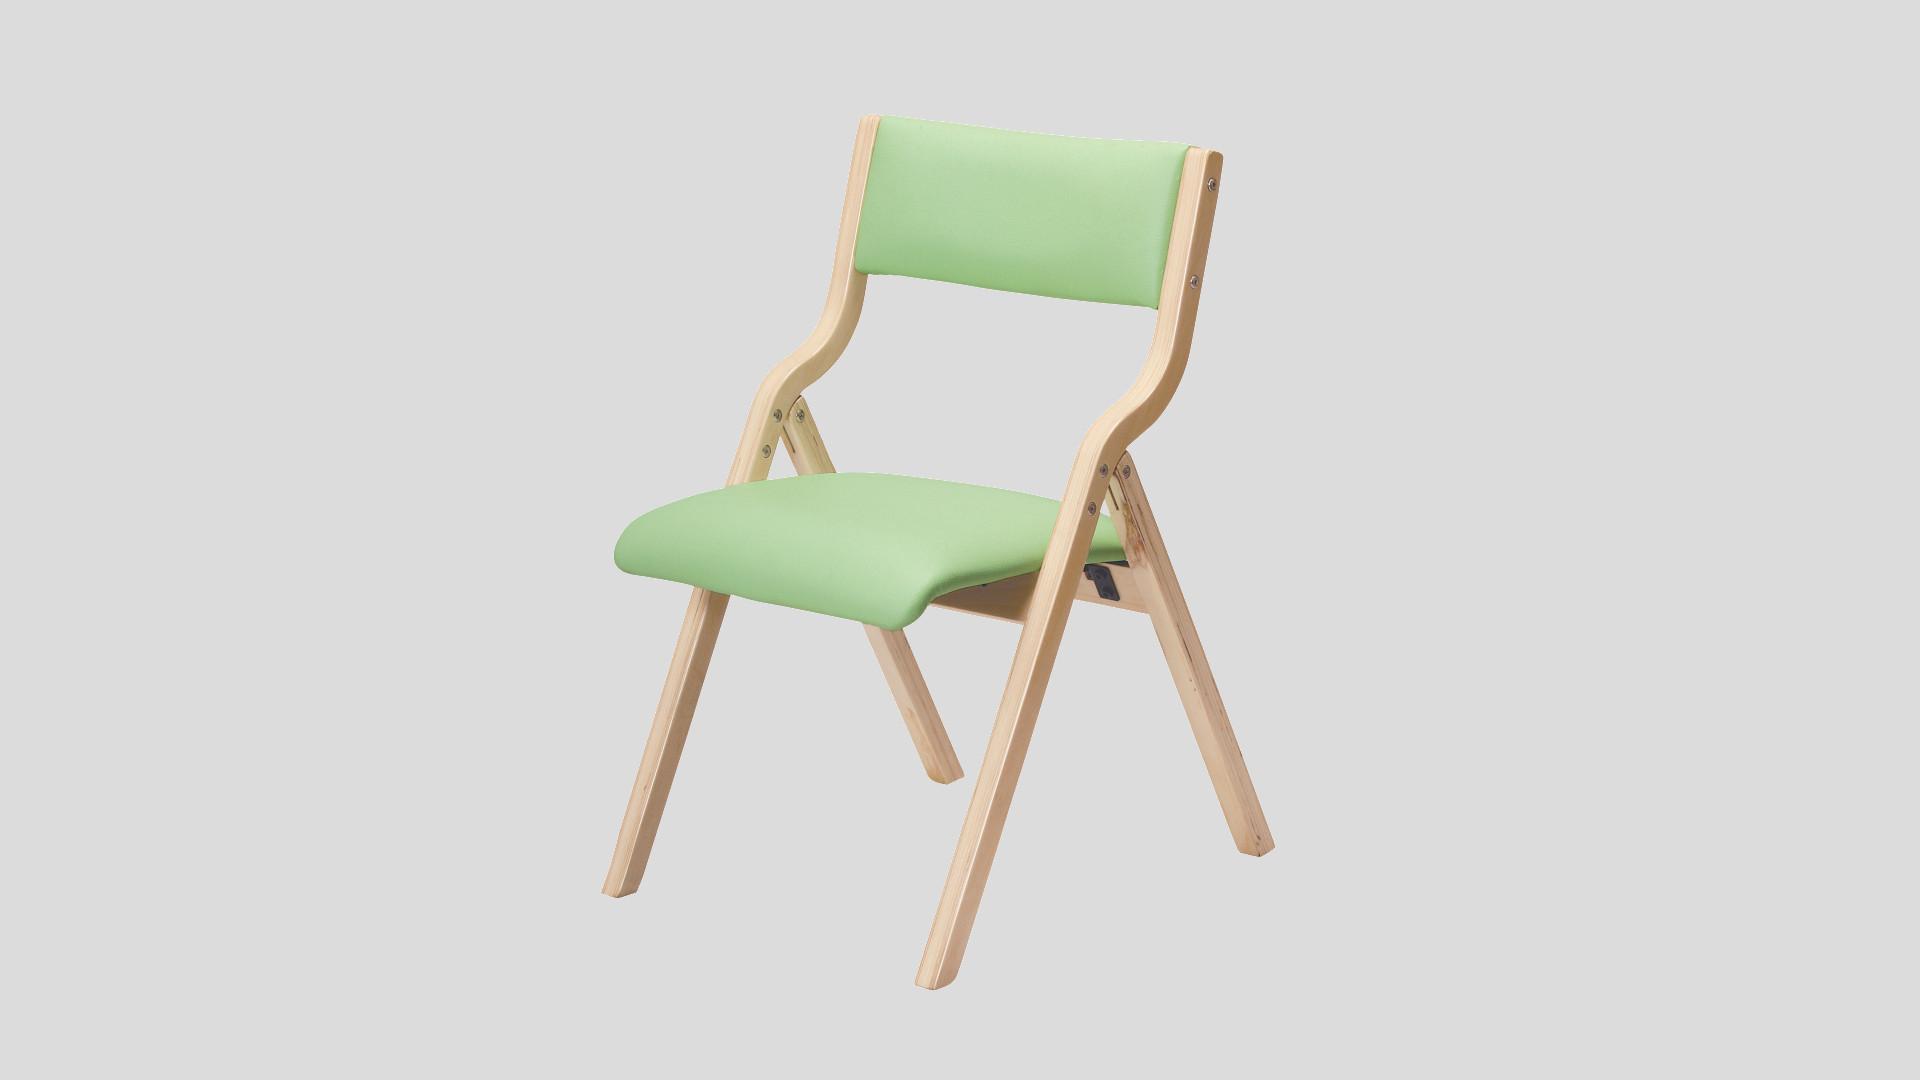 木製イス 折畳みチェア イメージ